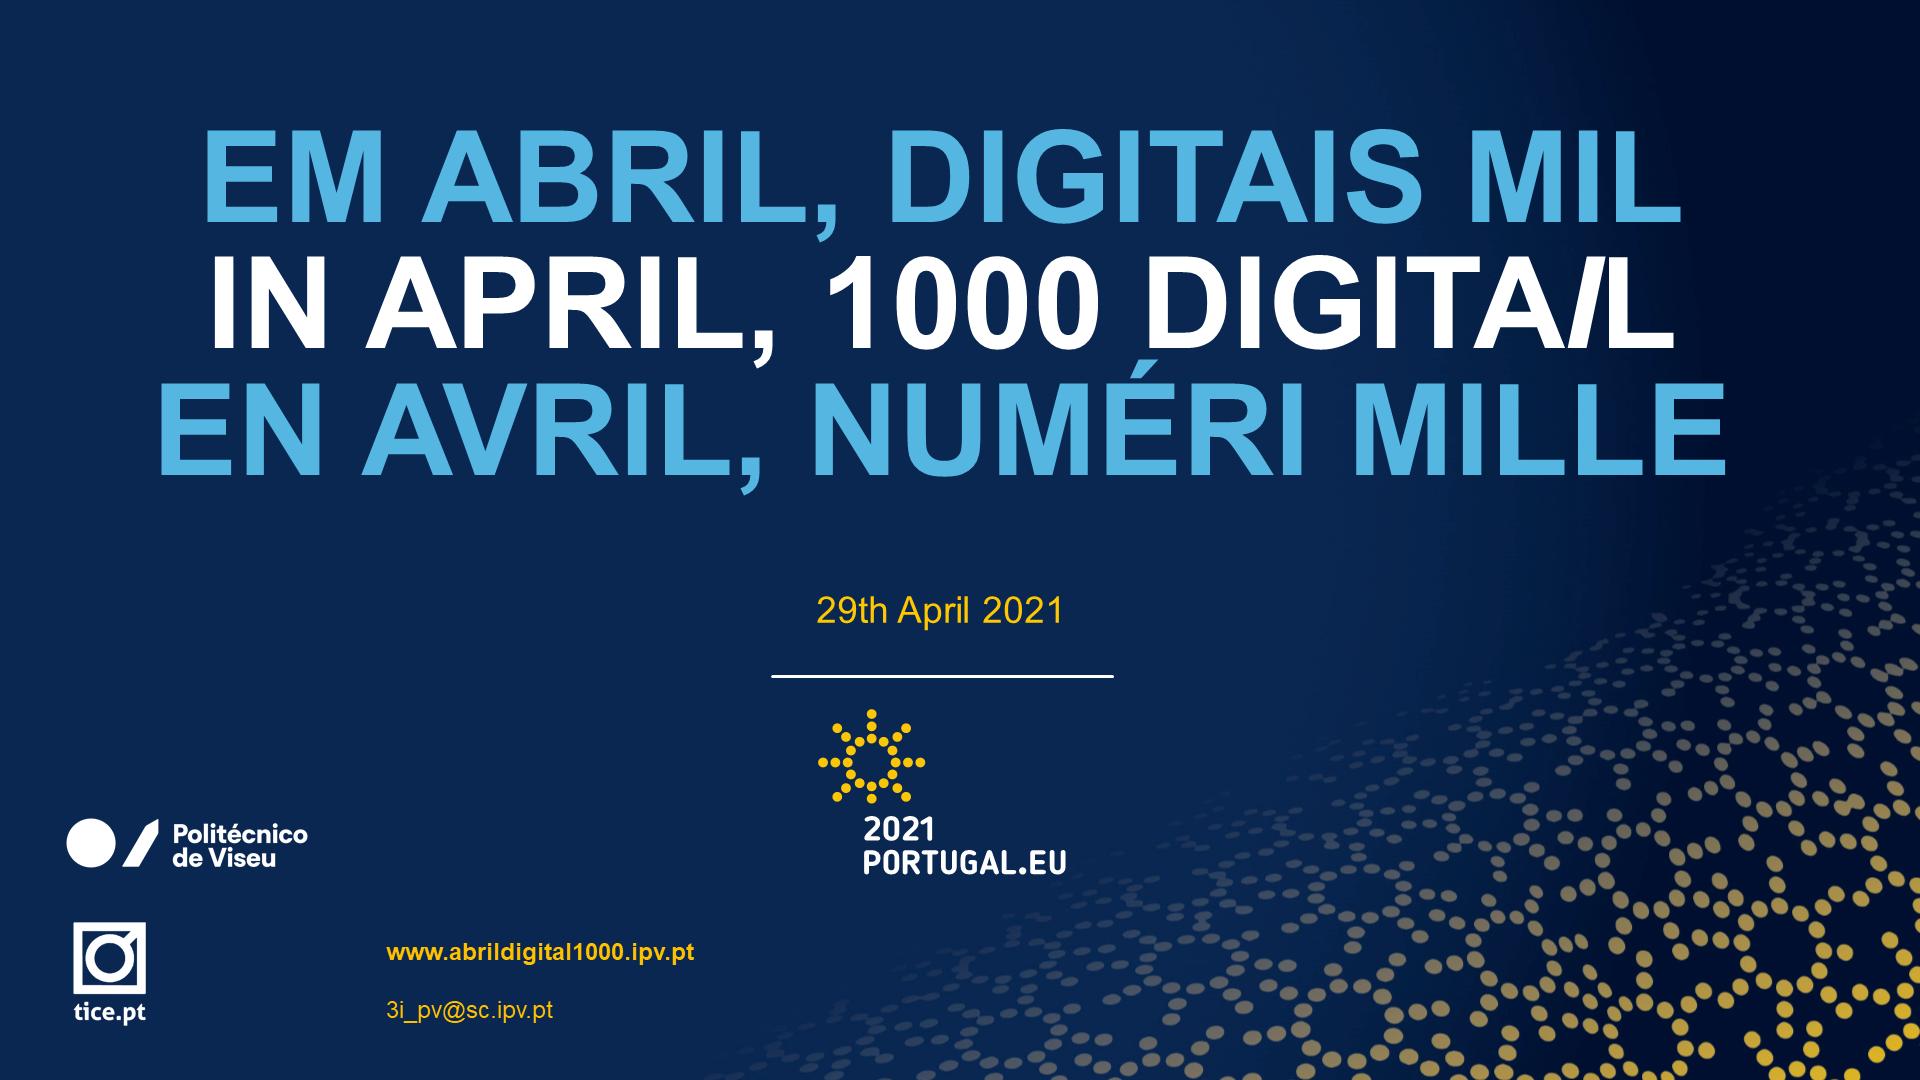 In April, 1000 digitail!